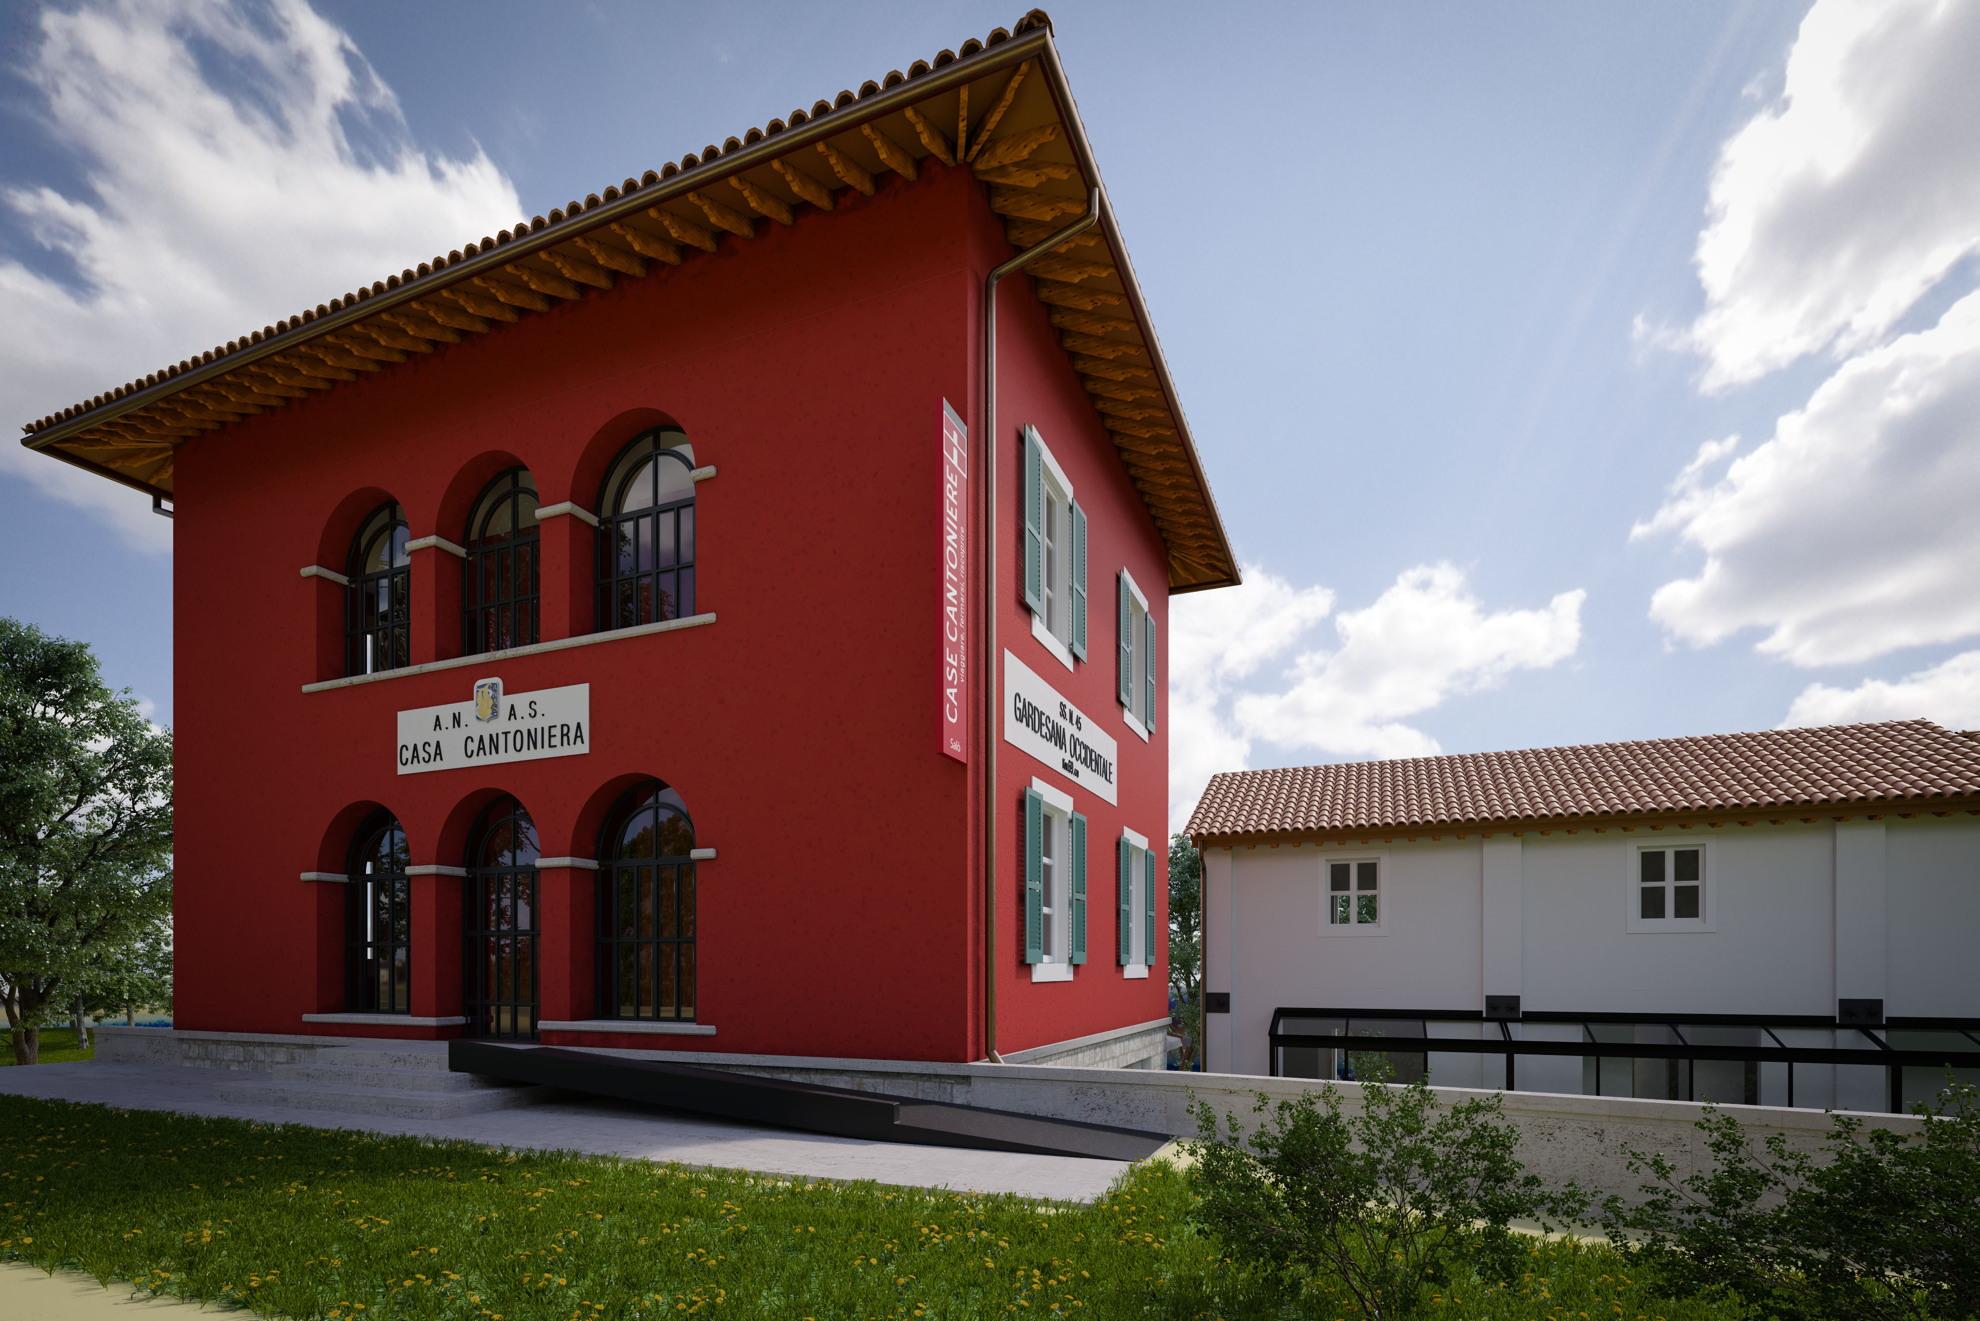 Il bando anas case cantoniere living corriere - Colori per esterno casa foto ...